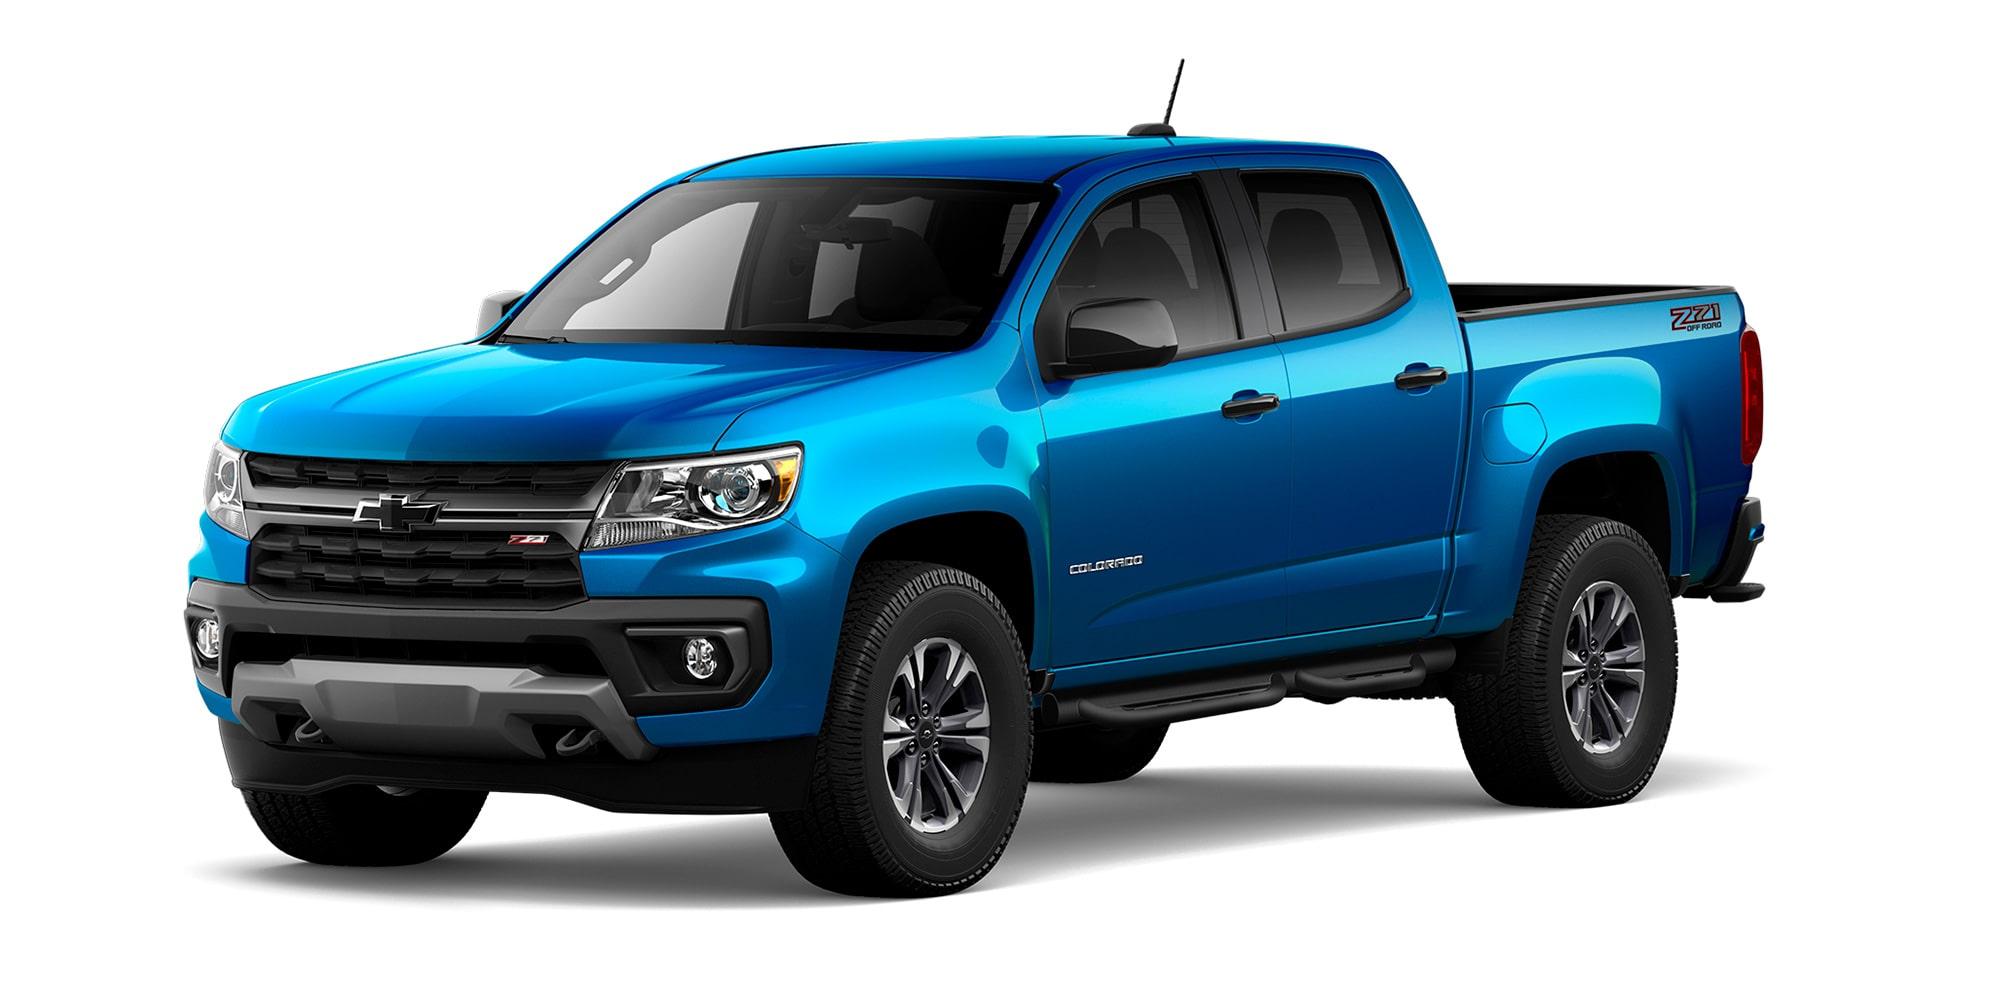 Nueva Chevrolet Colorado 2021 en color Azul Atlántico Versión Z71